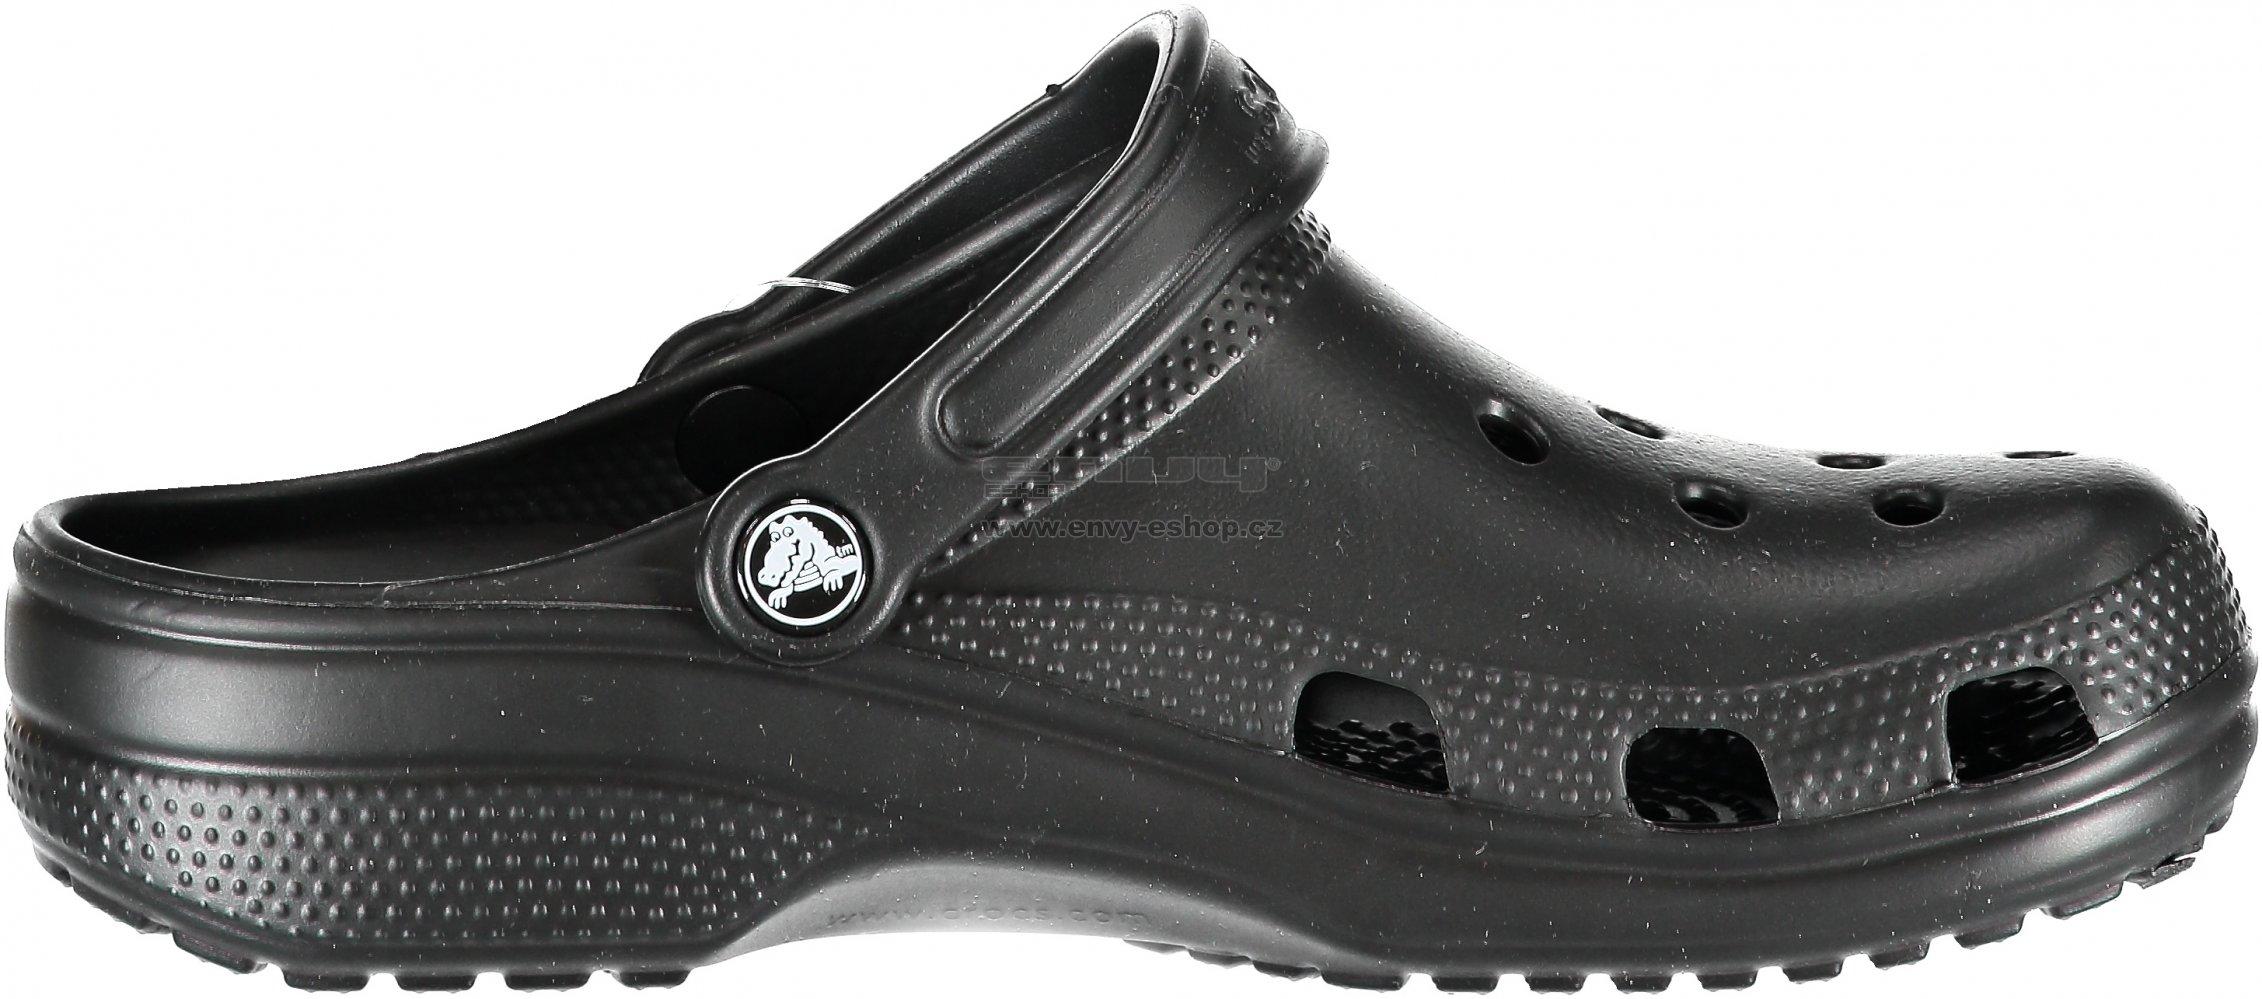 c41bd671d10 Dámské pantofle CROCS CLASSIC 10001-001 BLACK velikost  37-38   ENVY ...